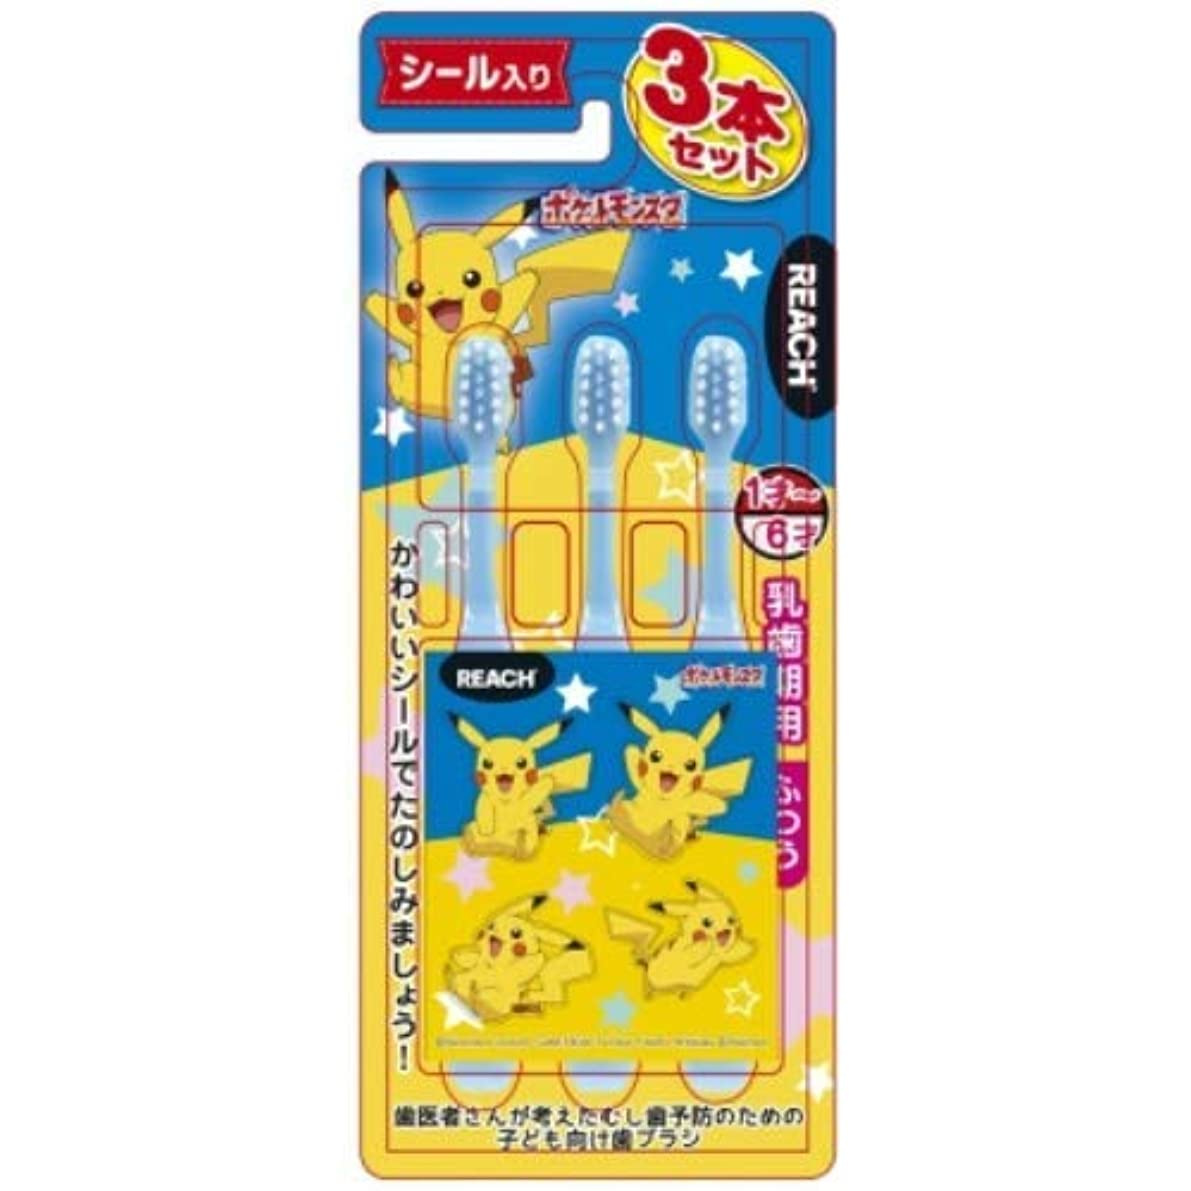 ゲート油チューリップリーチキッズ3本(シール入り) ポケモン 乳歯期用 × 3個セット